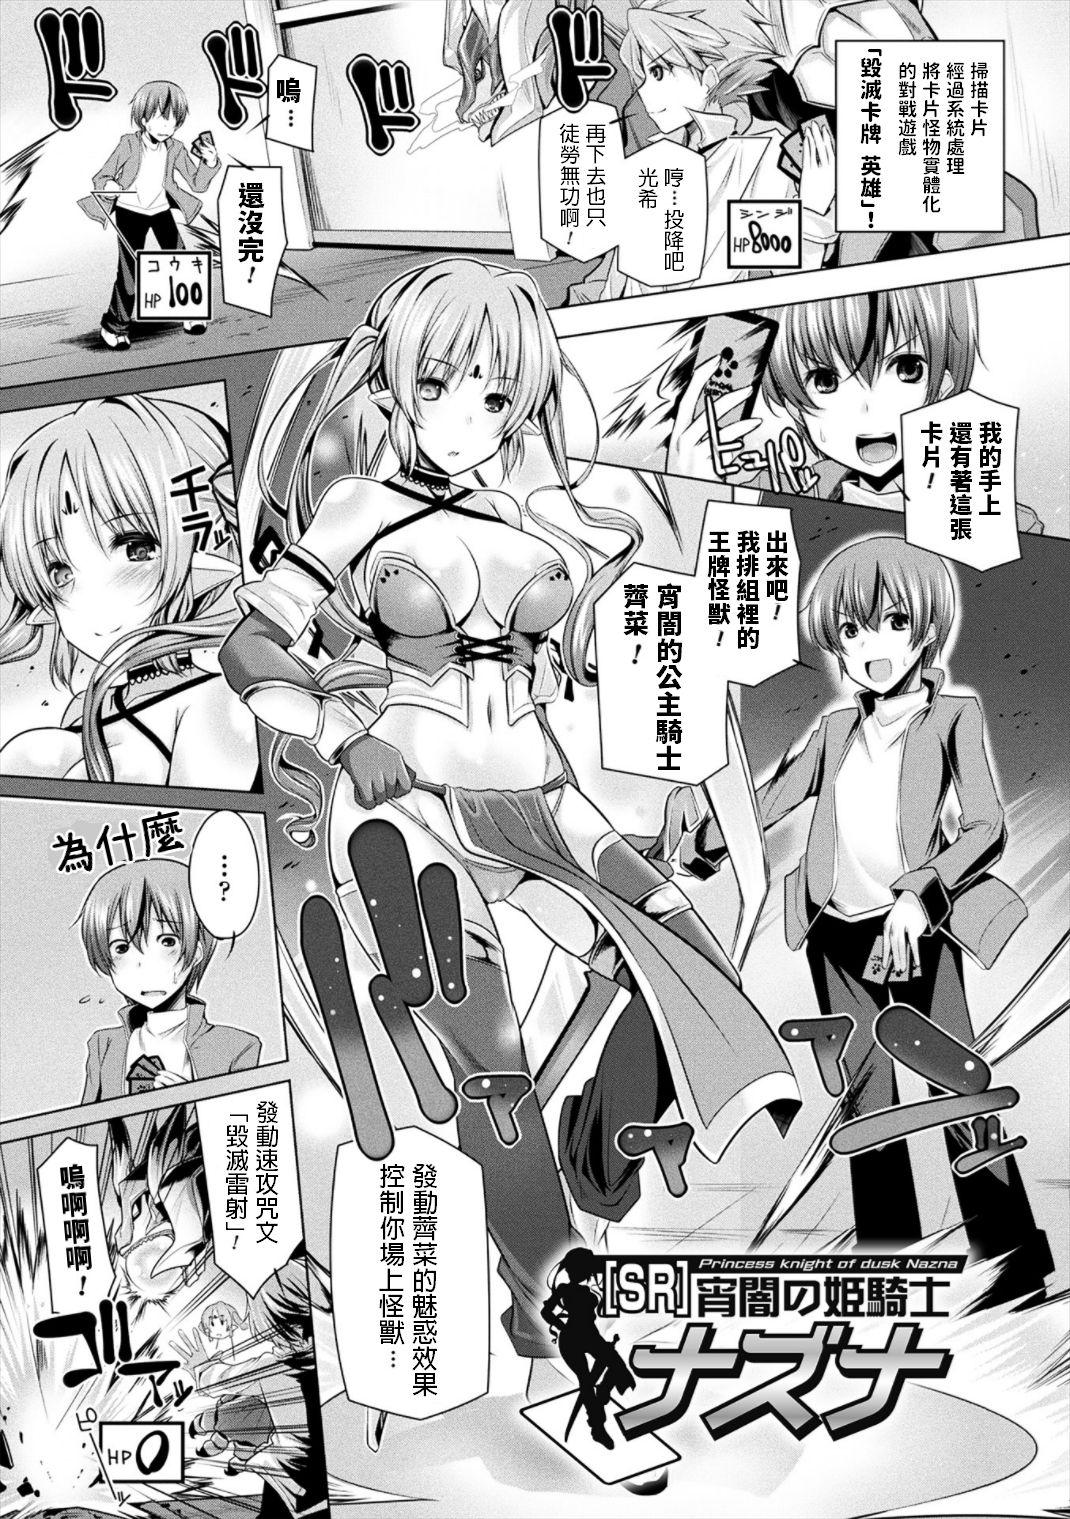 [吉田] [SR]宵闇の姫騎士 ナズナ (ヒメゴトガジェット) - 情色卡漫 -